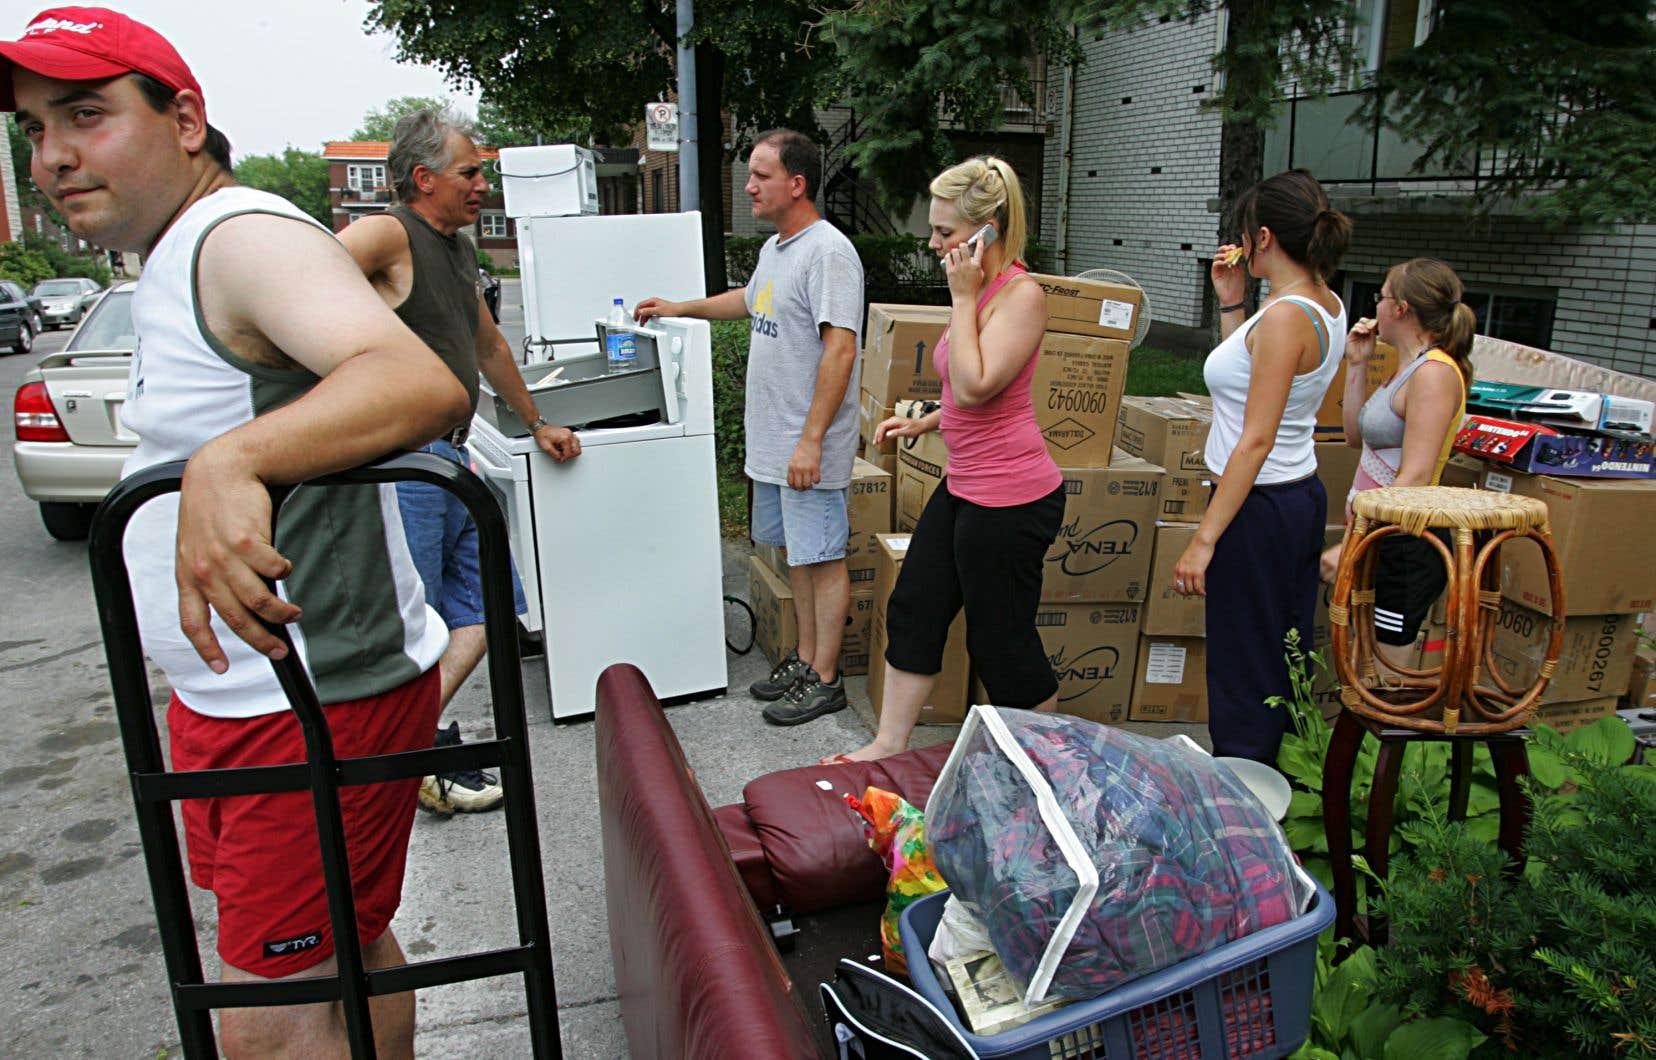 Le 1erjuillet, jour du déménagement, est une date estivale emblématique au Québec avec des milliers de déplacements qui accompagnent la fin de plusieurs baux résidentiels.